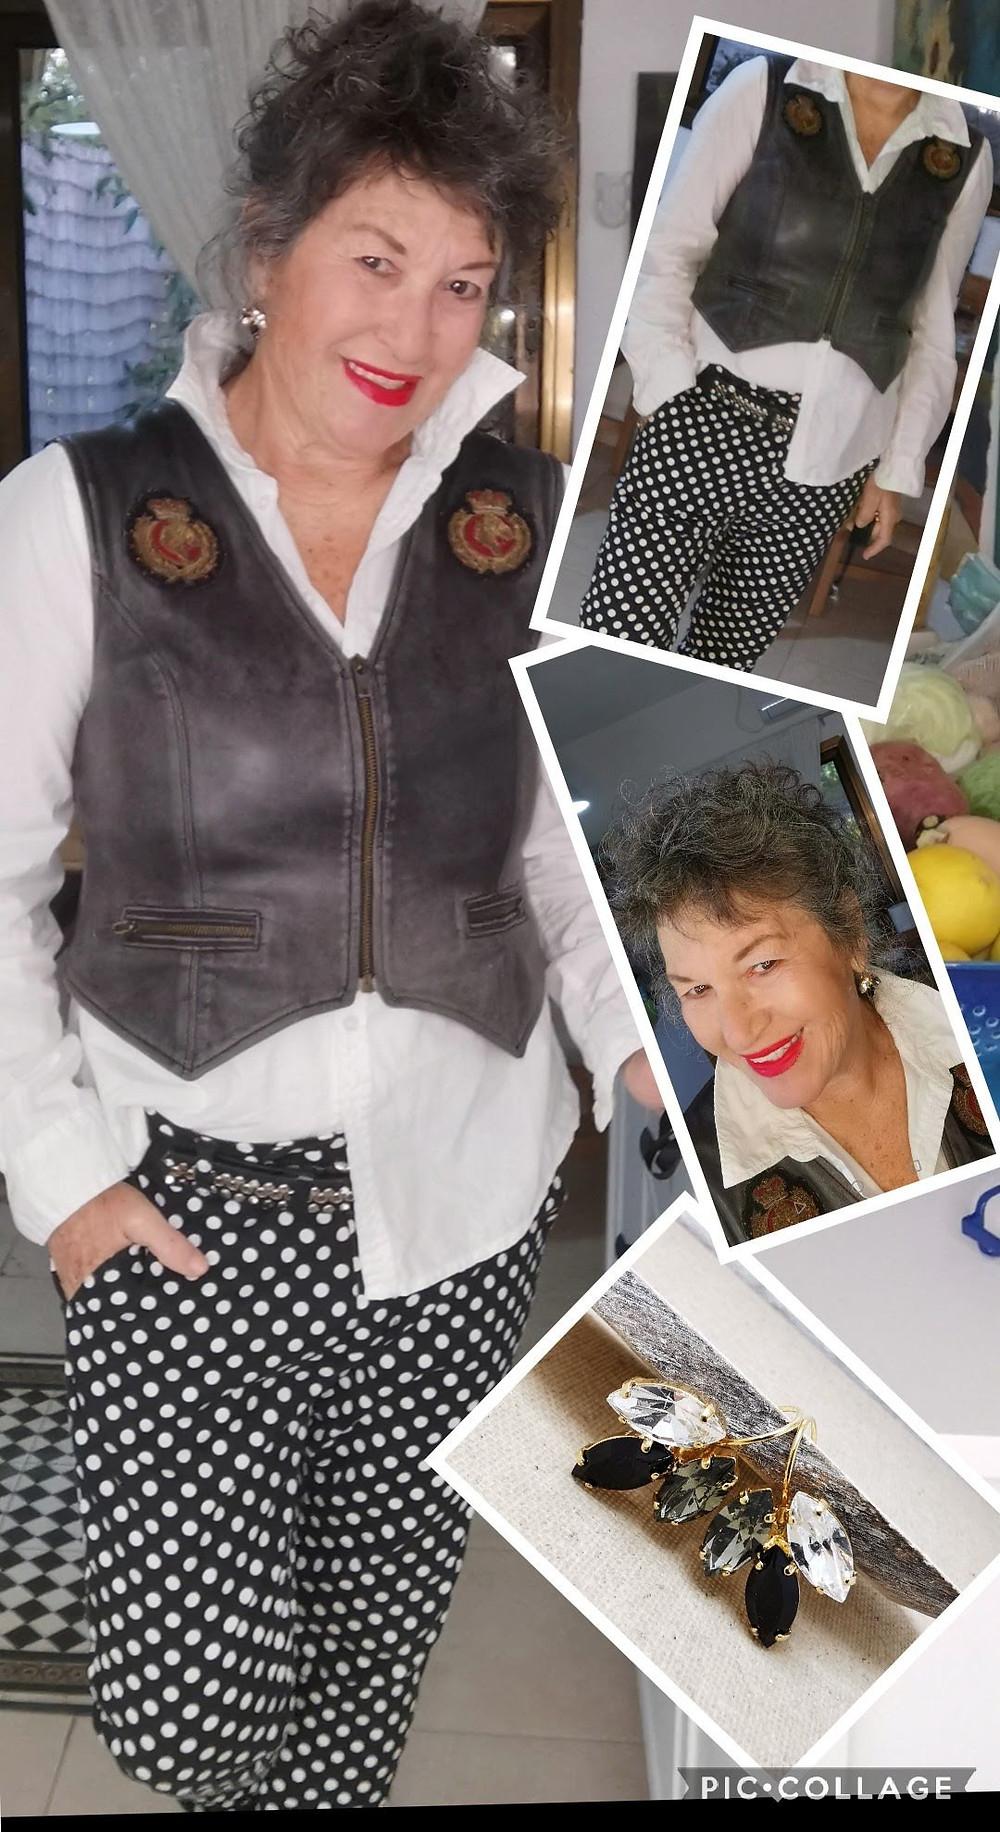 קולאג' של אירית דגמי מדגמנת שחור לבן עם עגילים בשחור לבן